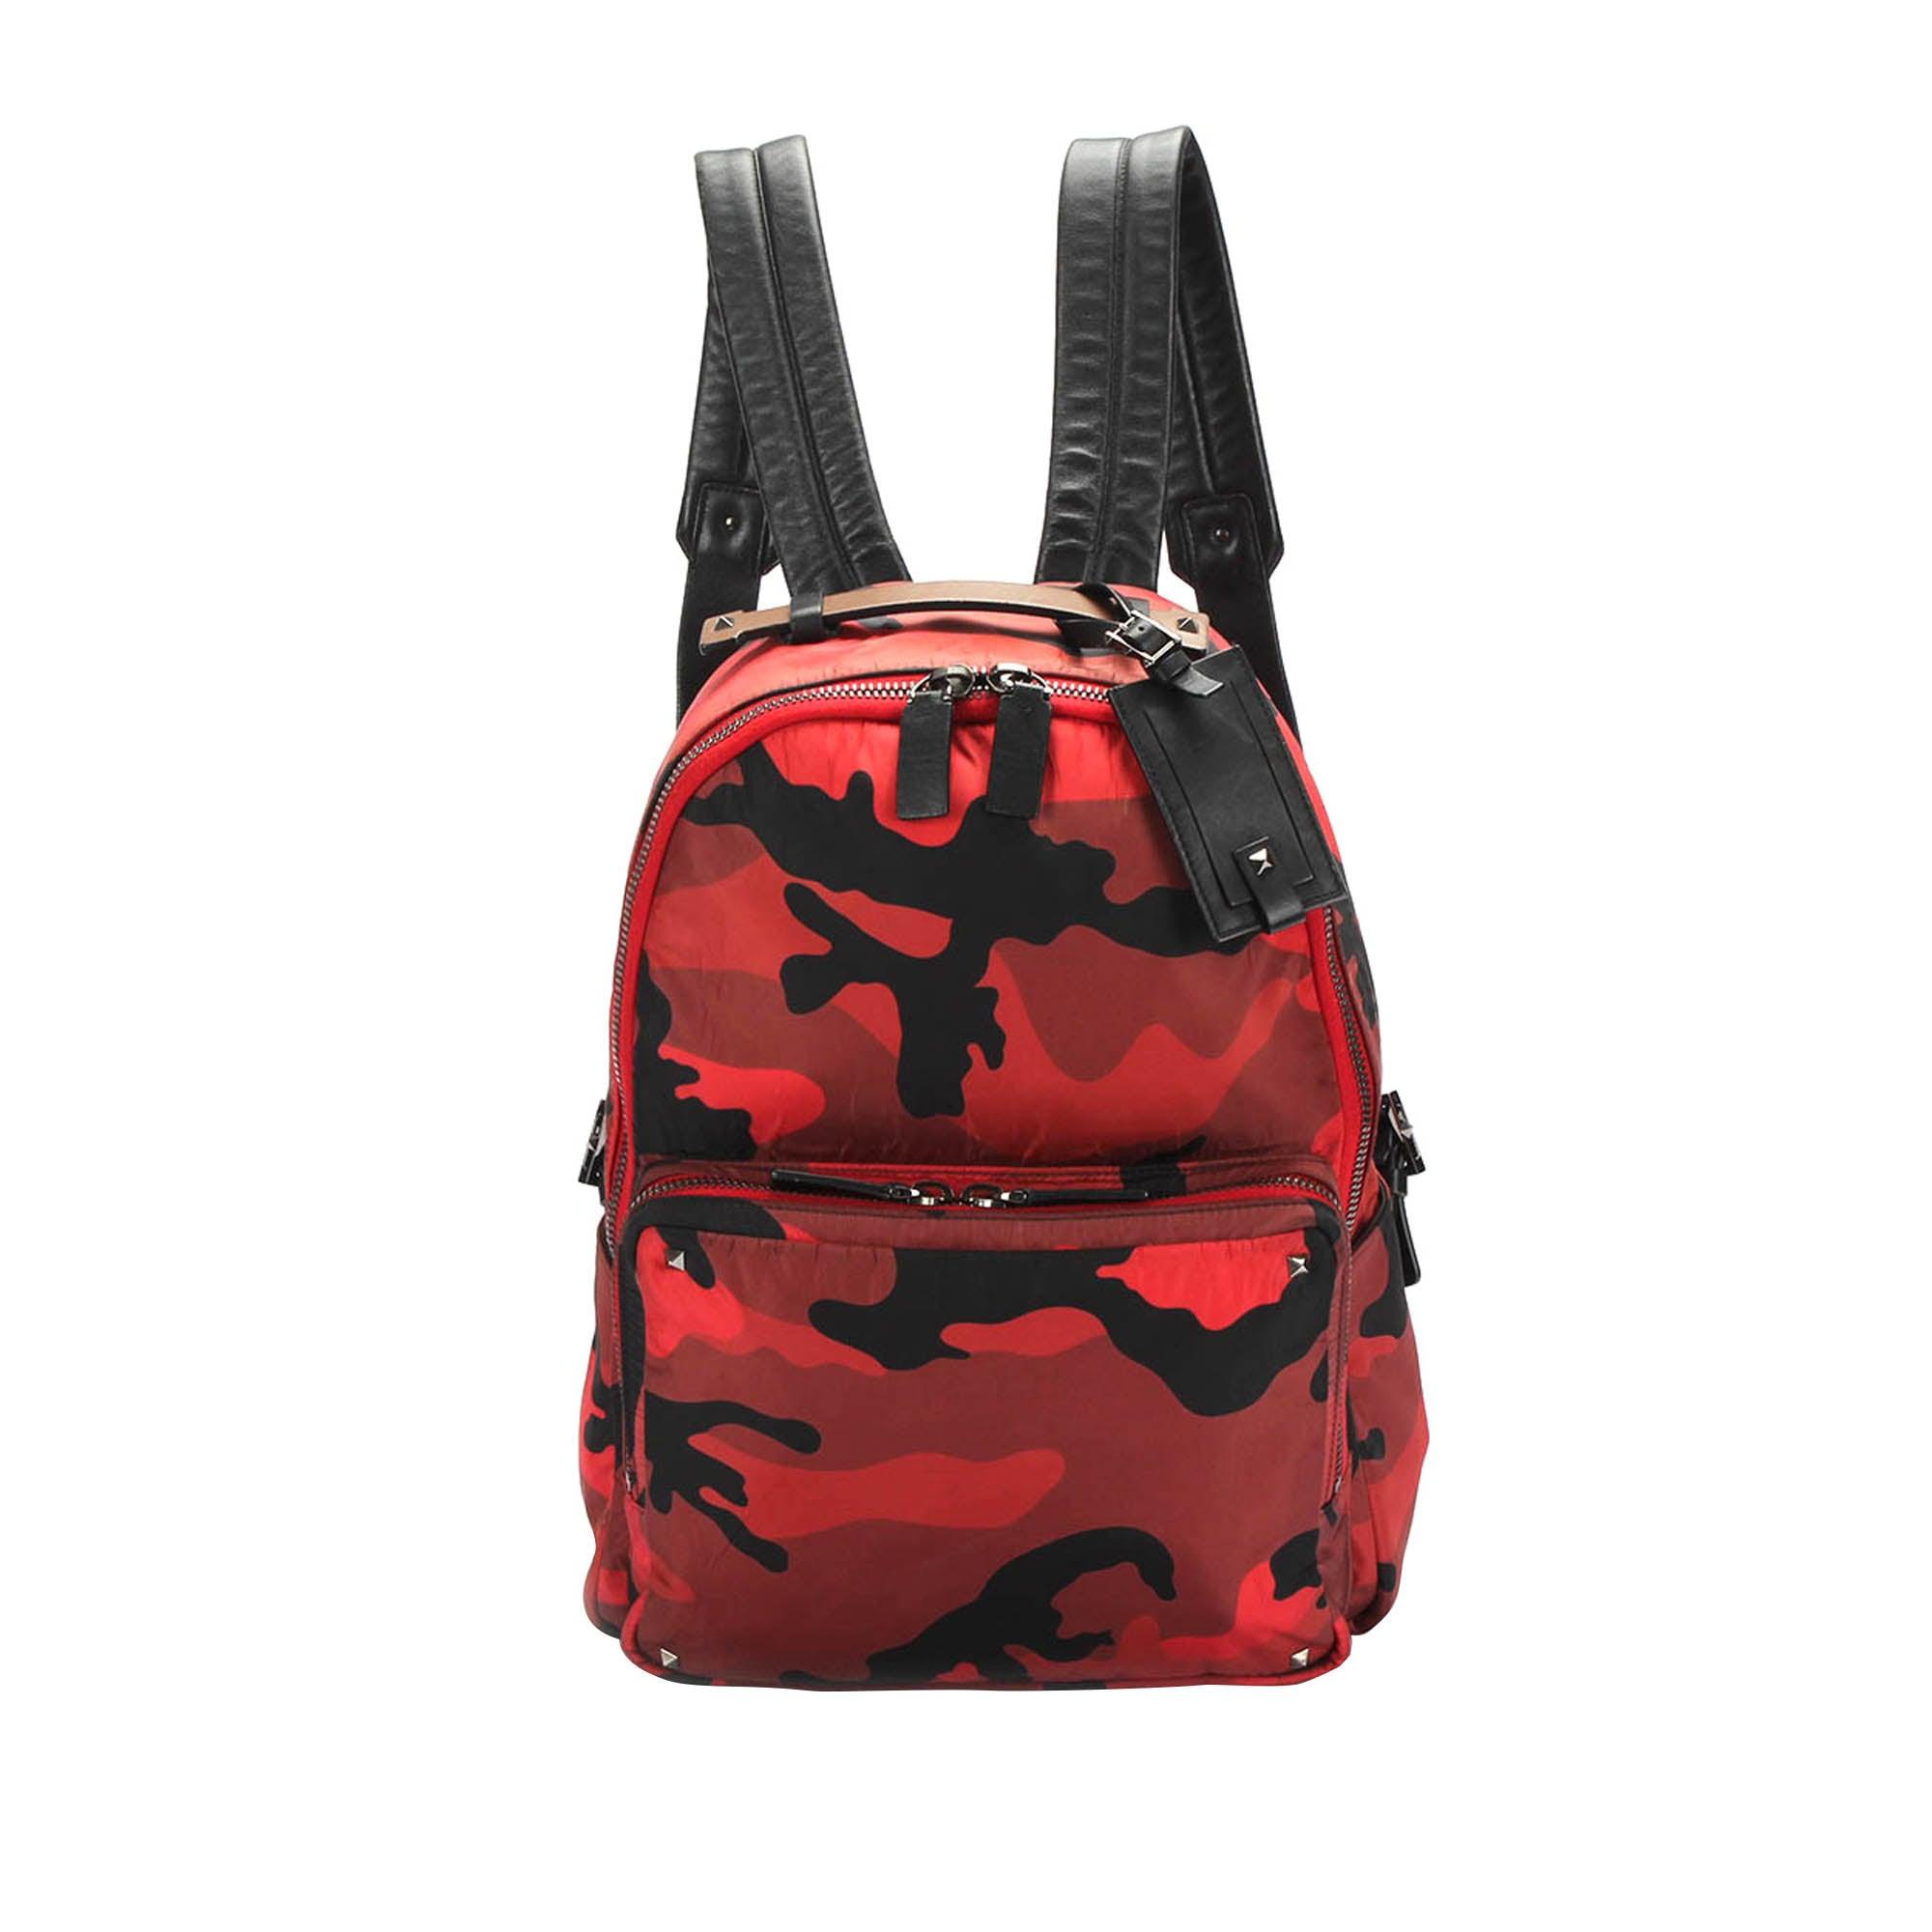 Valentino Camouflage Nylon Backpack